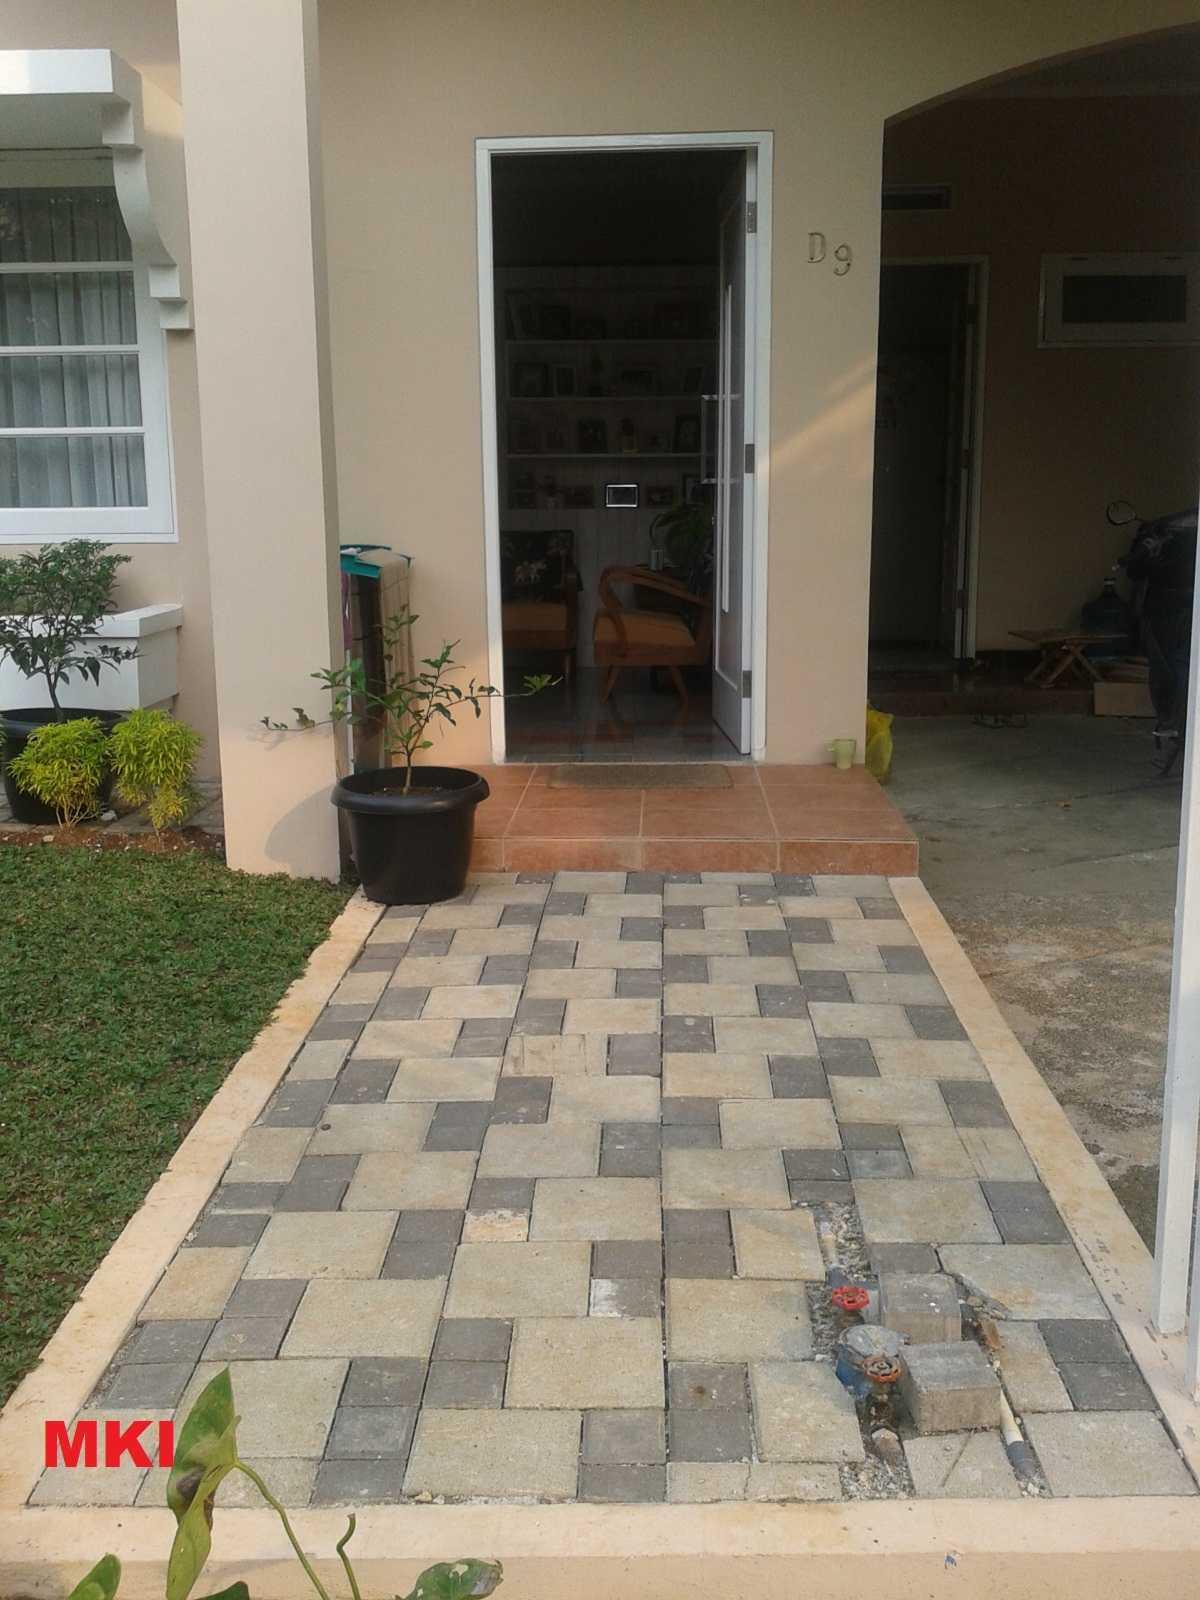 Mki Ub House Ciputat - Tangerang Selatan Ciputat - Tangerang Selatan Teras Depan Modern  17084